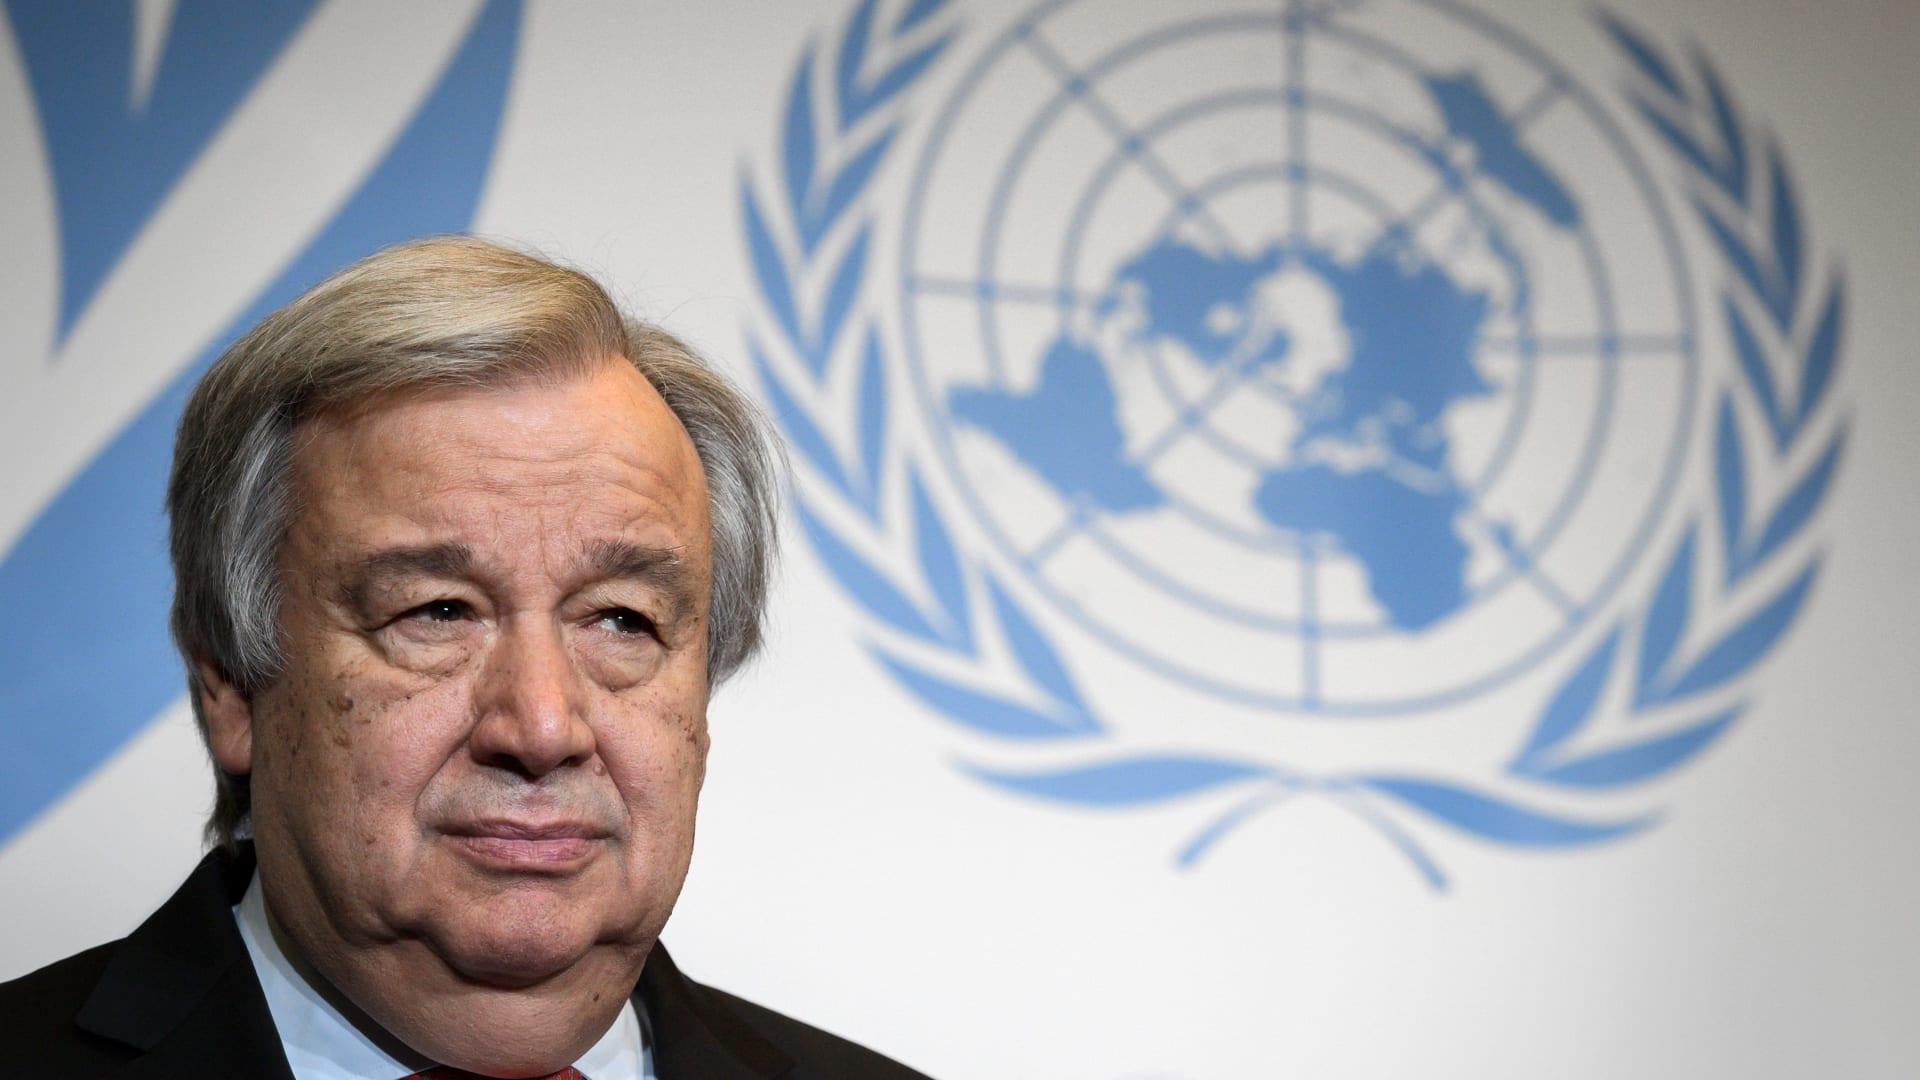 """الأمم المتحدة """"مصدومة ومُنزعجة"""" بعد تناقل فيديو ممارسة الجنس في إحدى سياراتها بإسرائيل"""